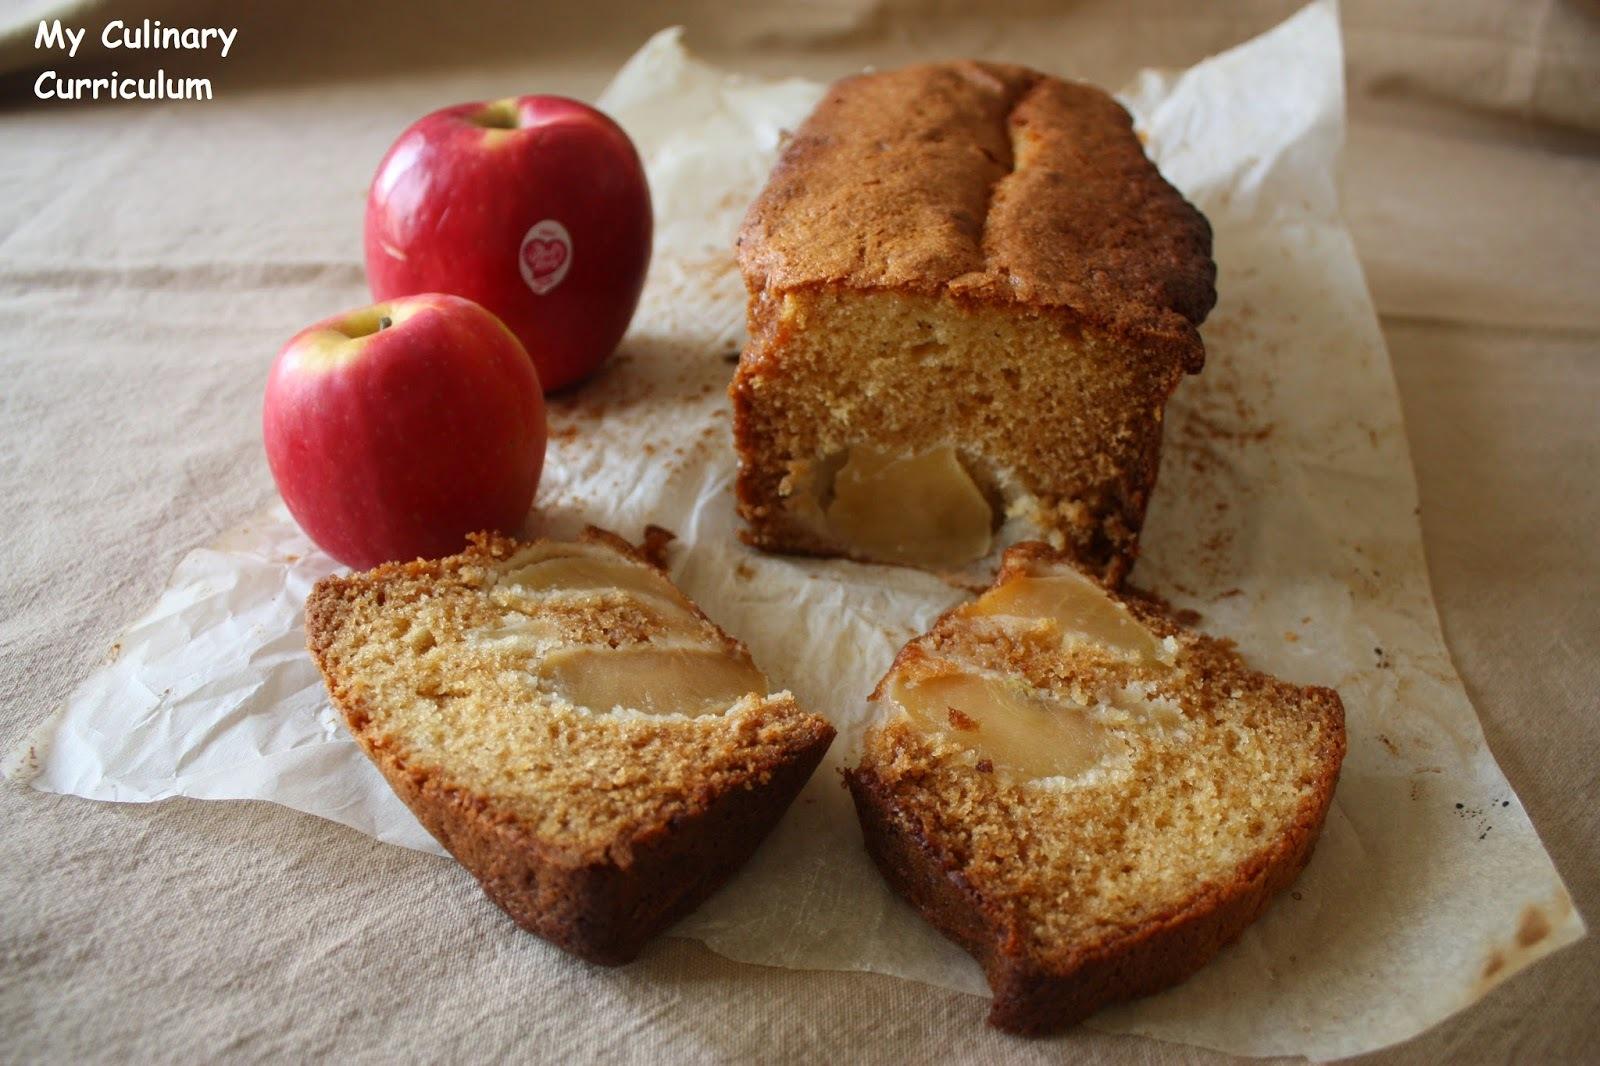 Gâteau aux pommes et au miel (Appel  and honey cake)